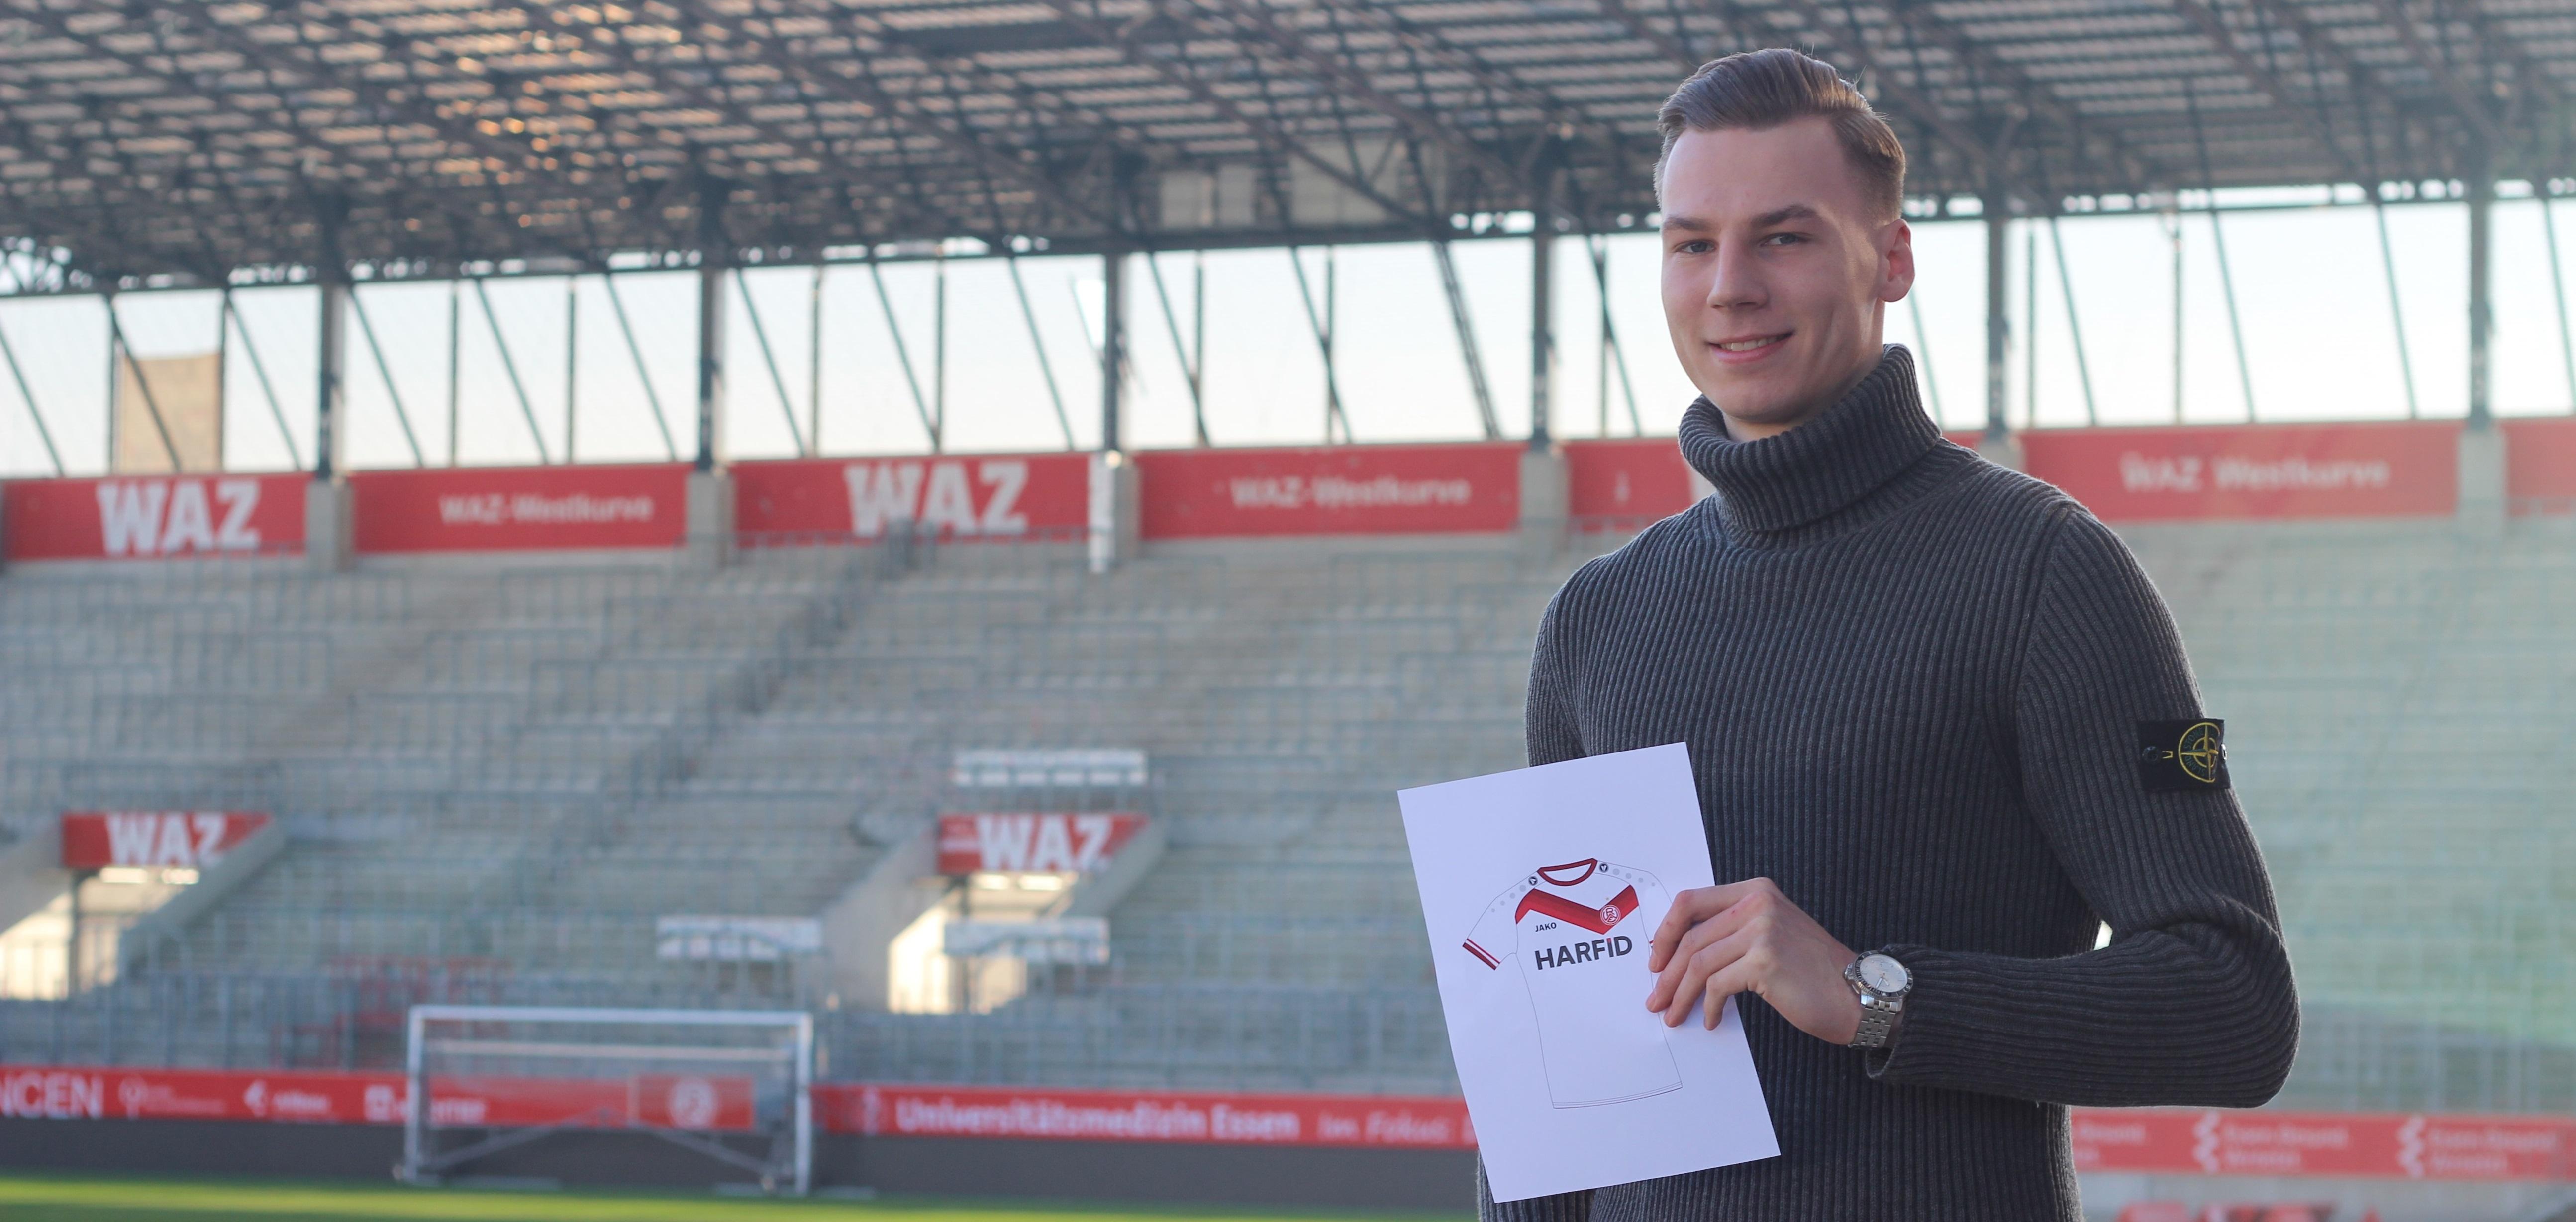 Das Gewinnertrikot wurde von RWE-Fan Tristan Grigoleit designt.